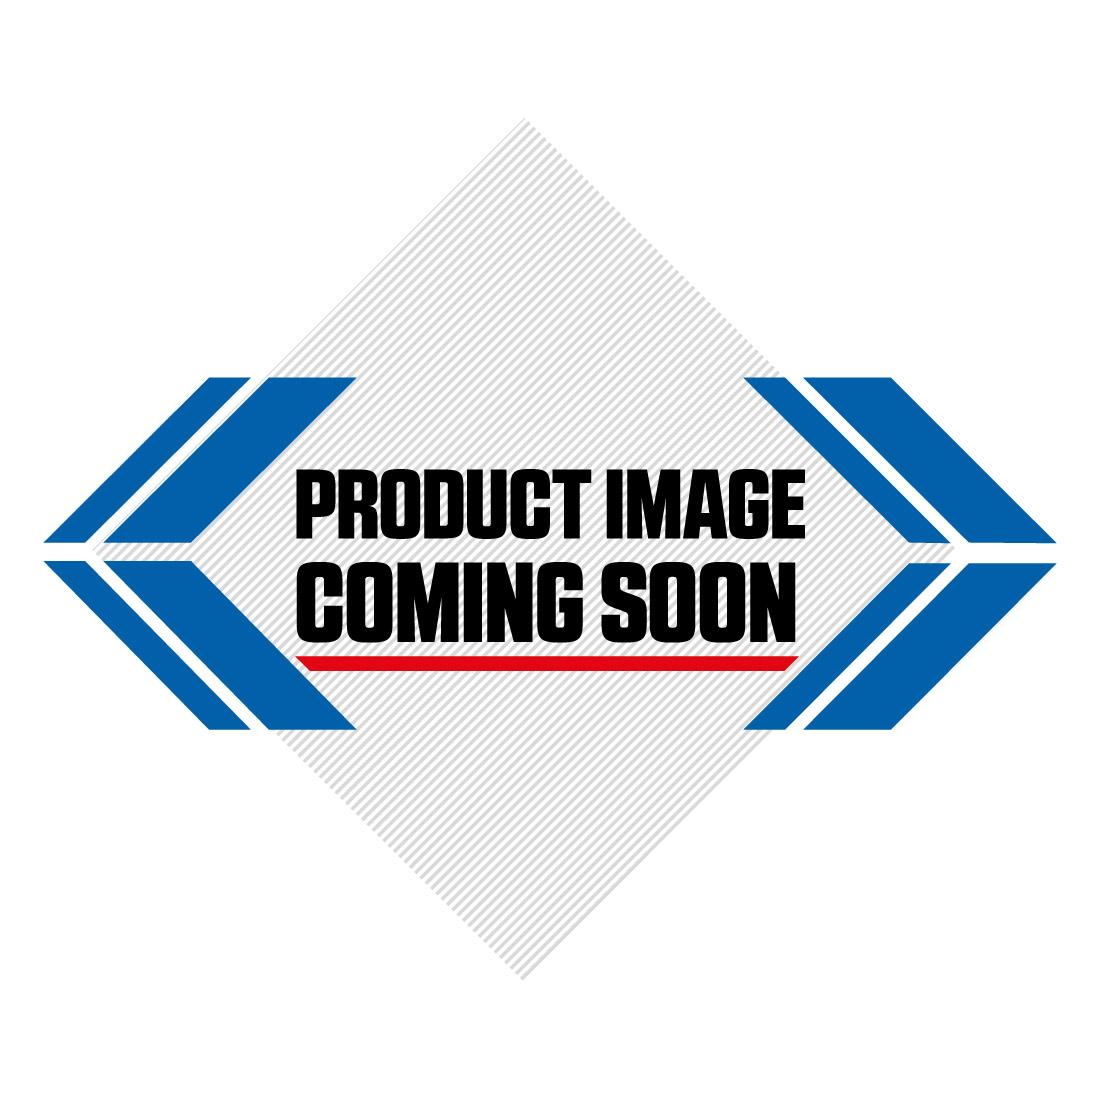 Husqvarna Plastic Kit OEM Factory (09-10) Image-2>